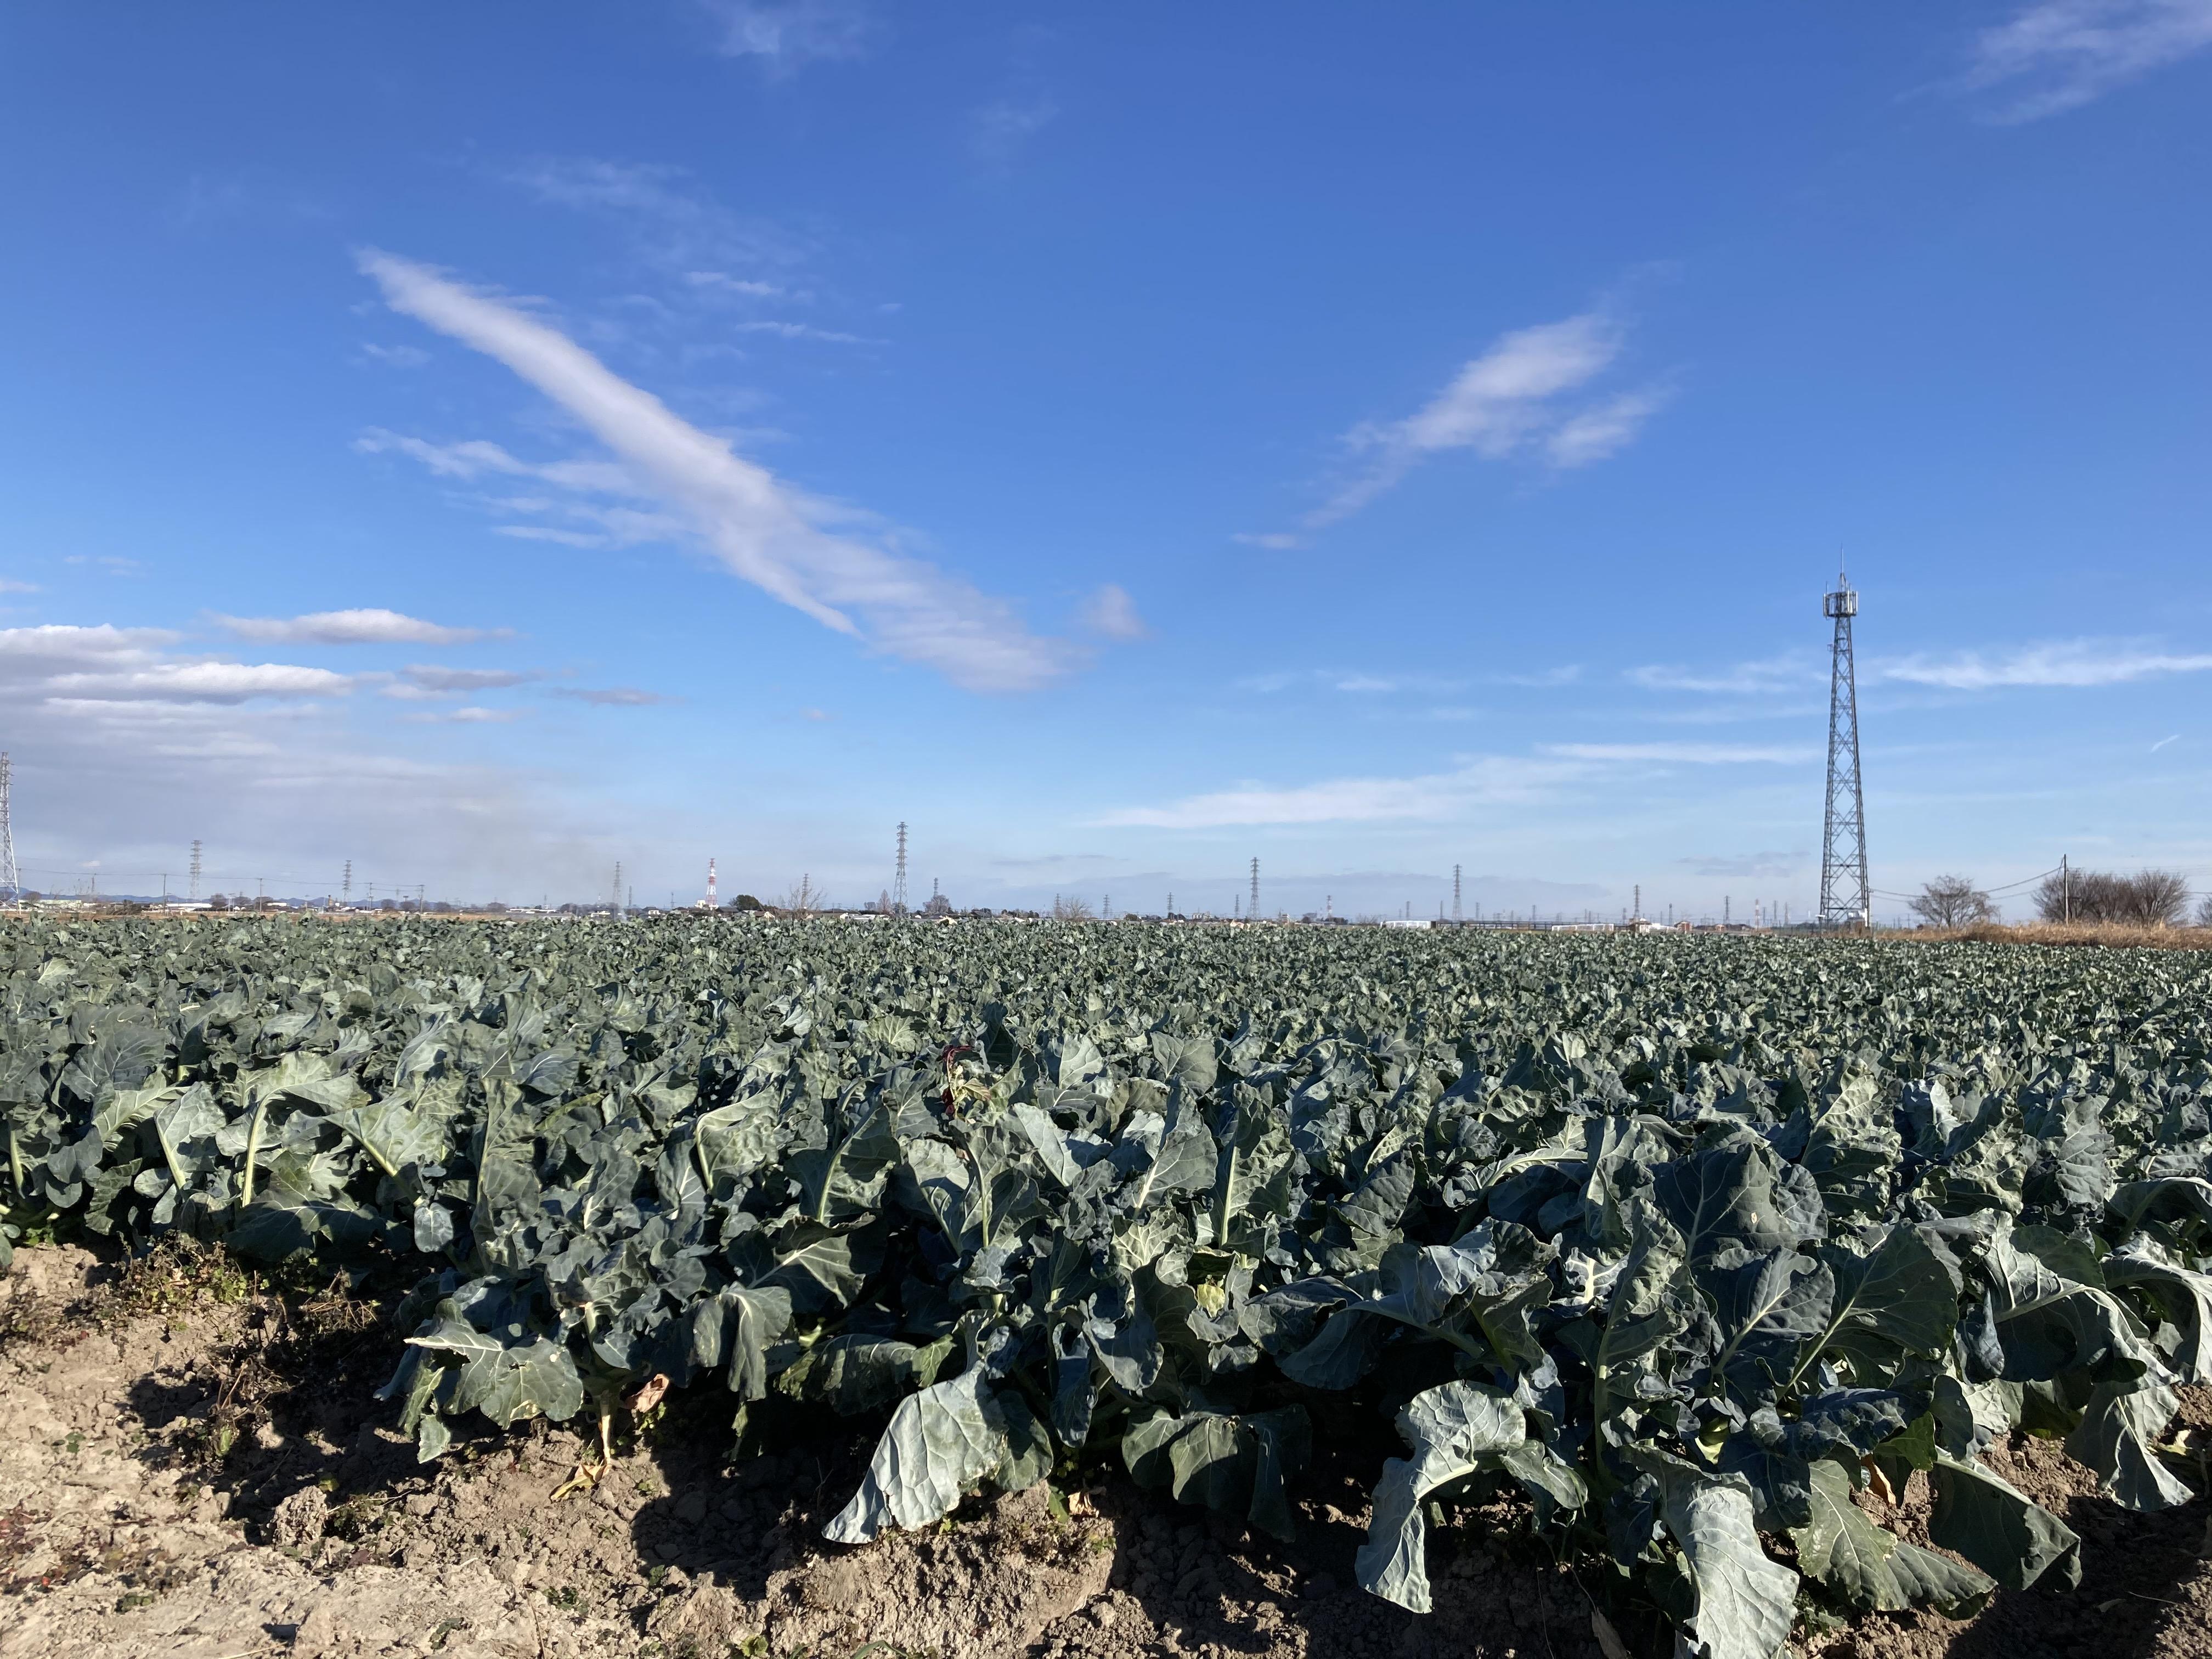 深谷市の農業 ブロッコリー畑 01